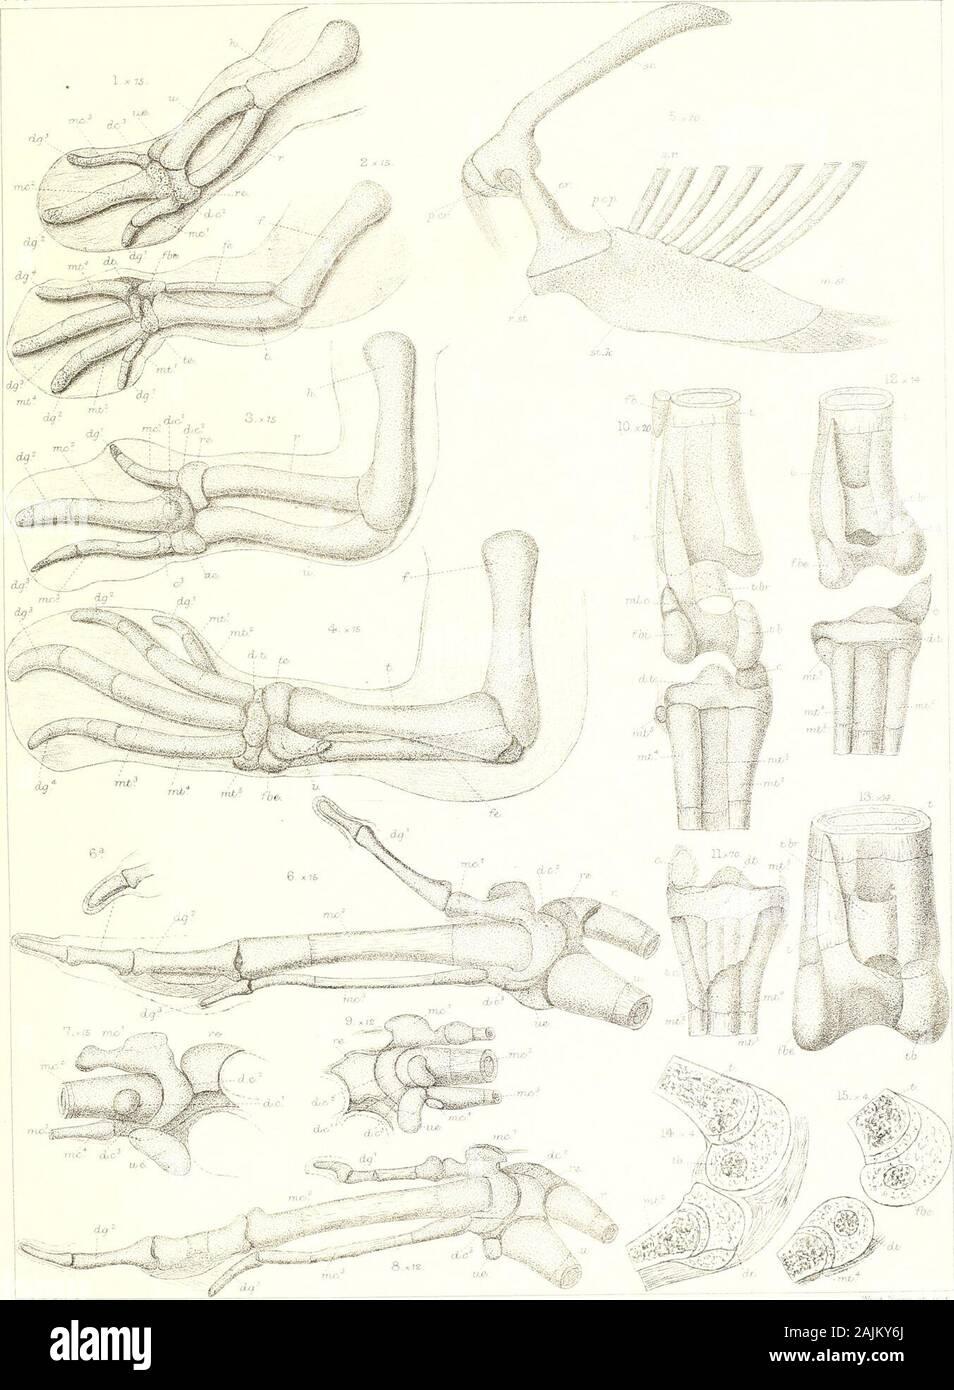 En la morfología del pato y las tribus auk . cess.Parasphenoid.pubis. Proceso clinoides posterior.Postcoraeoid proceso de ster- ner.p.c.s. p.e. V0- pii. p.ii. pr.i. pro. pr.z. p.d. p.s.e. pi. pt.: px. 1- aj- r.st. s.og.sc. S.ll. s.i.f. s.o. sp. sp.o. metros s.r.s.sc. San st.k. s.r. tb.t.e. te.t.eo. ts. u. r.v.a.r.b. ueit.S.R. Precoracoid. Pre-costal proceso de ster-num. Perpendicular etmoidal. Pterigoideos. Falange. Prenasal tribuna. Pre-Ilión. Prootic. Pre-zygaphophysis. Presphenoid. Canal semicircular posterior. Post-Ilión. Post-zygapophysis. Premaxila. Cuadrado. Quadrato- yugal. Radius. Ro Foto de stock